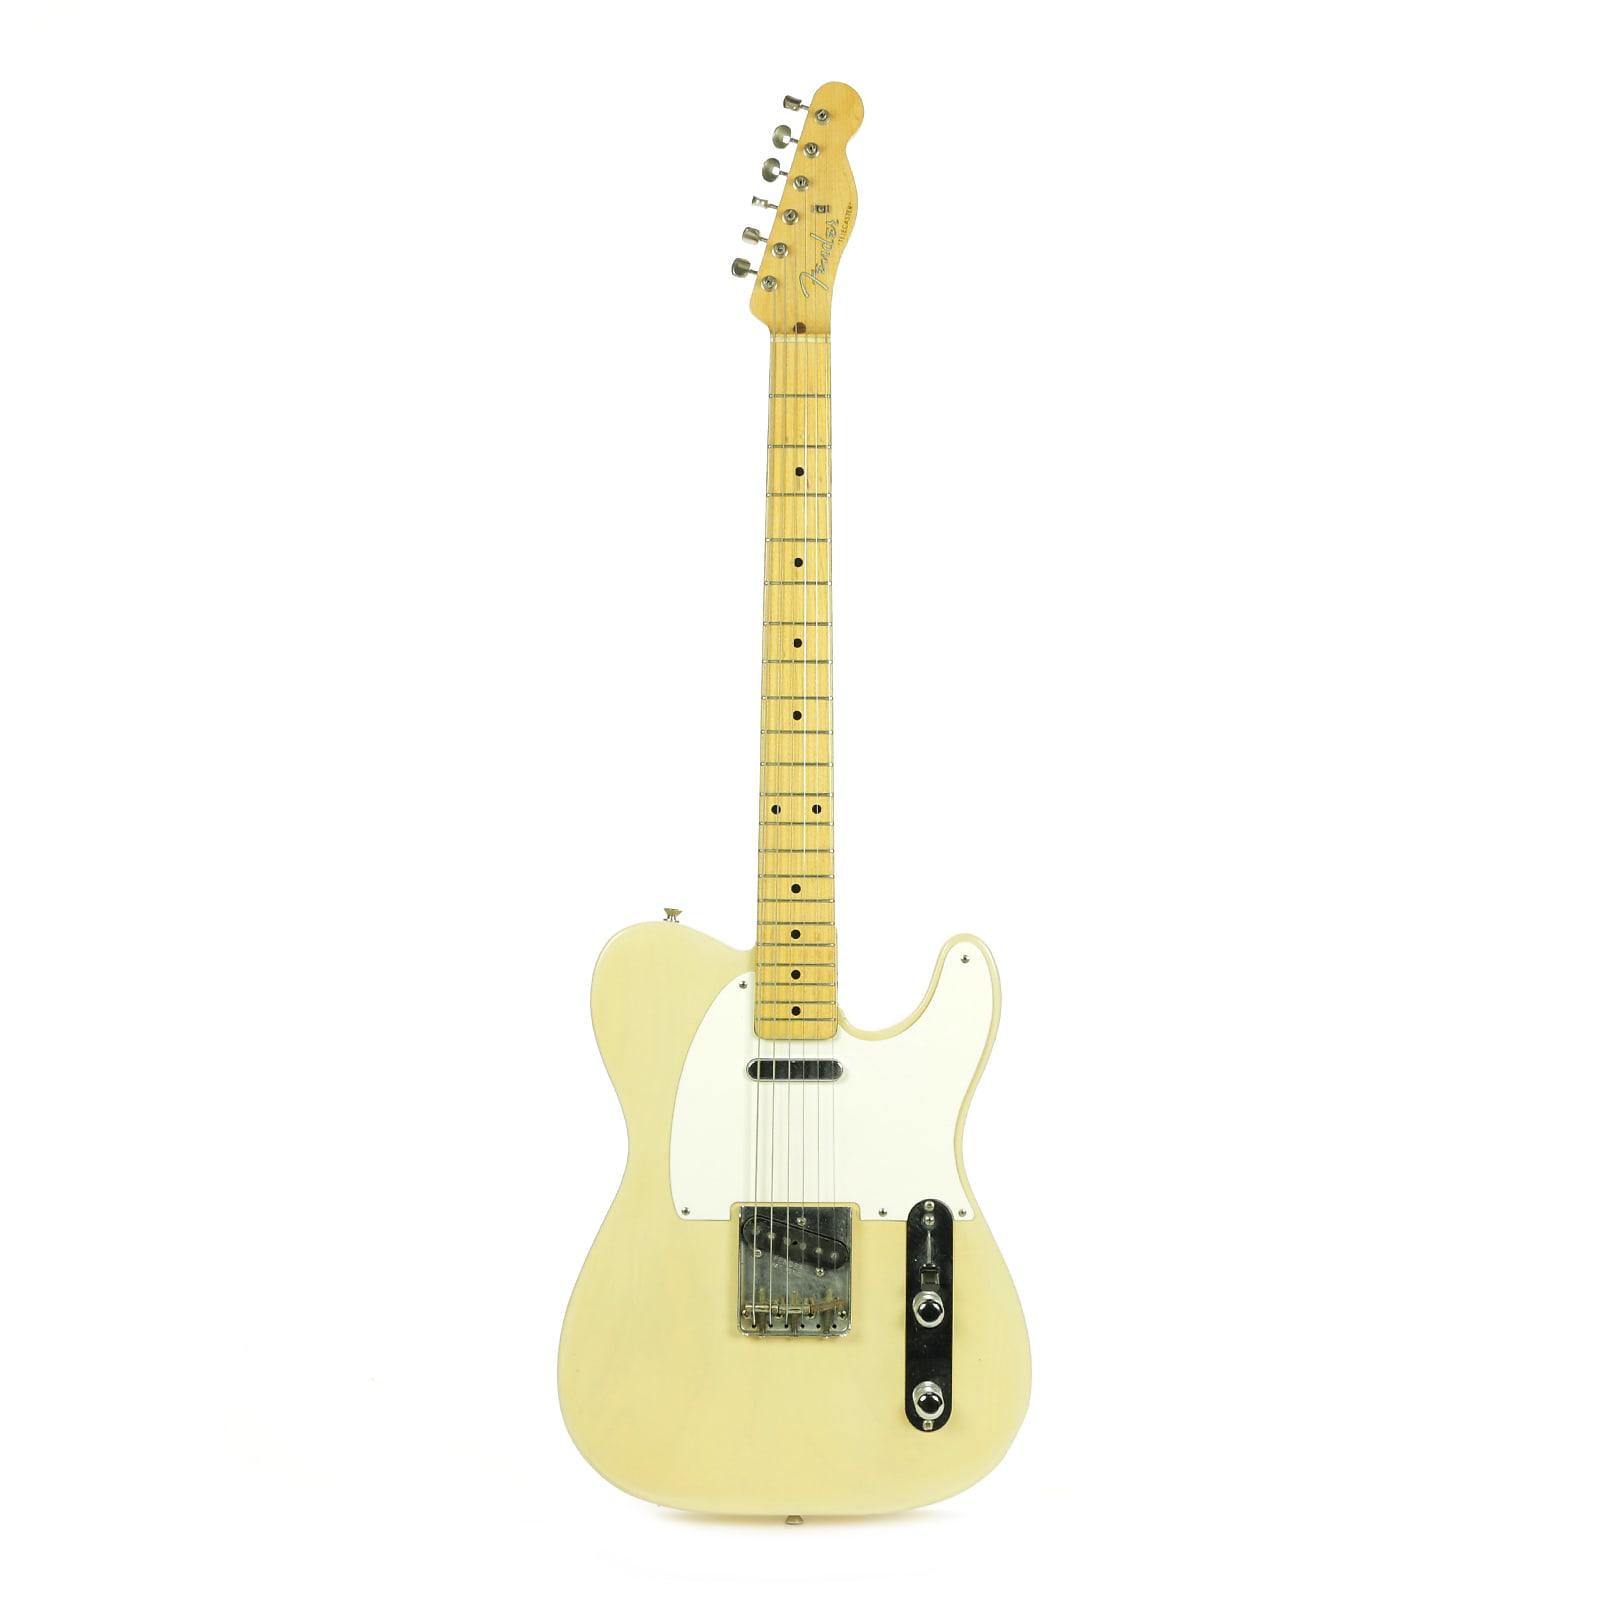 Fender Telecaster 1956 | Reverb